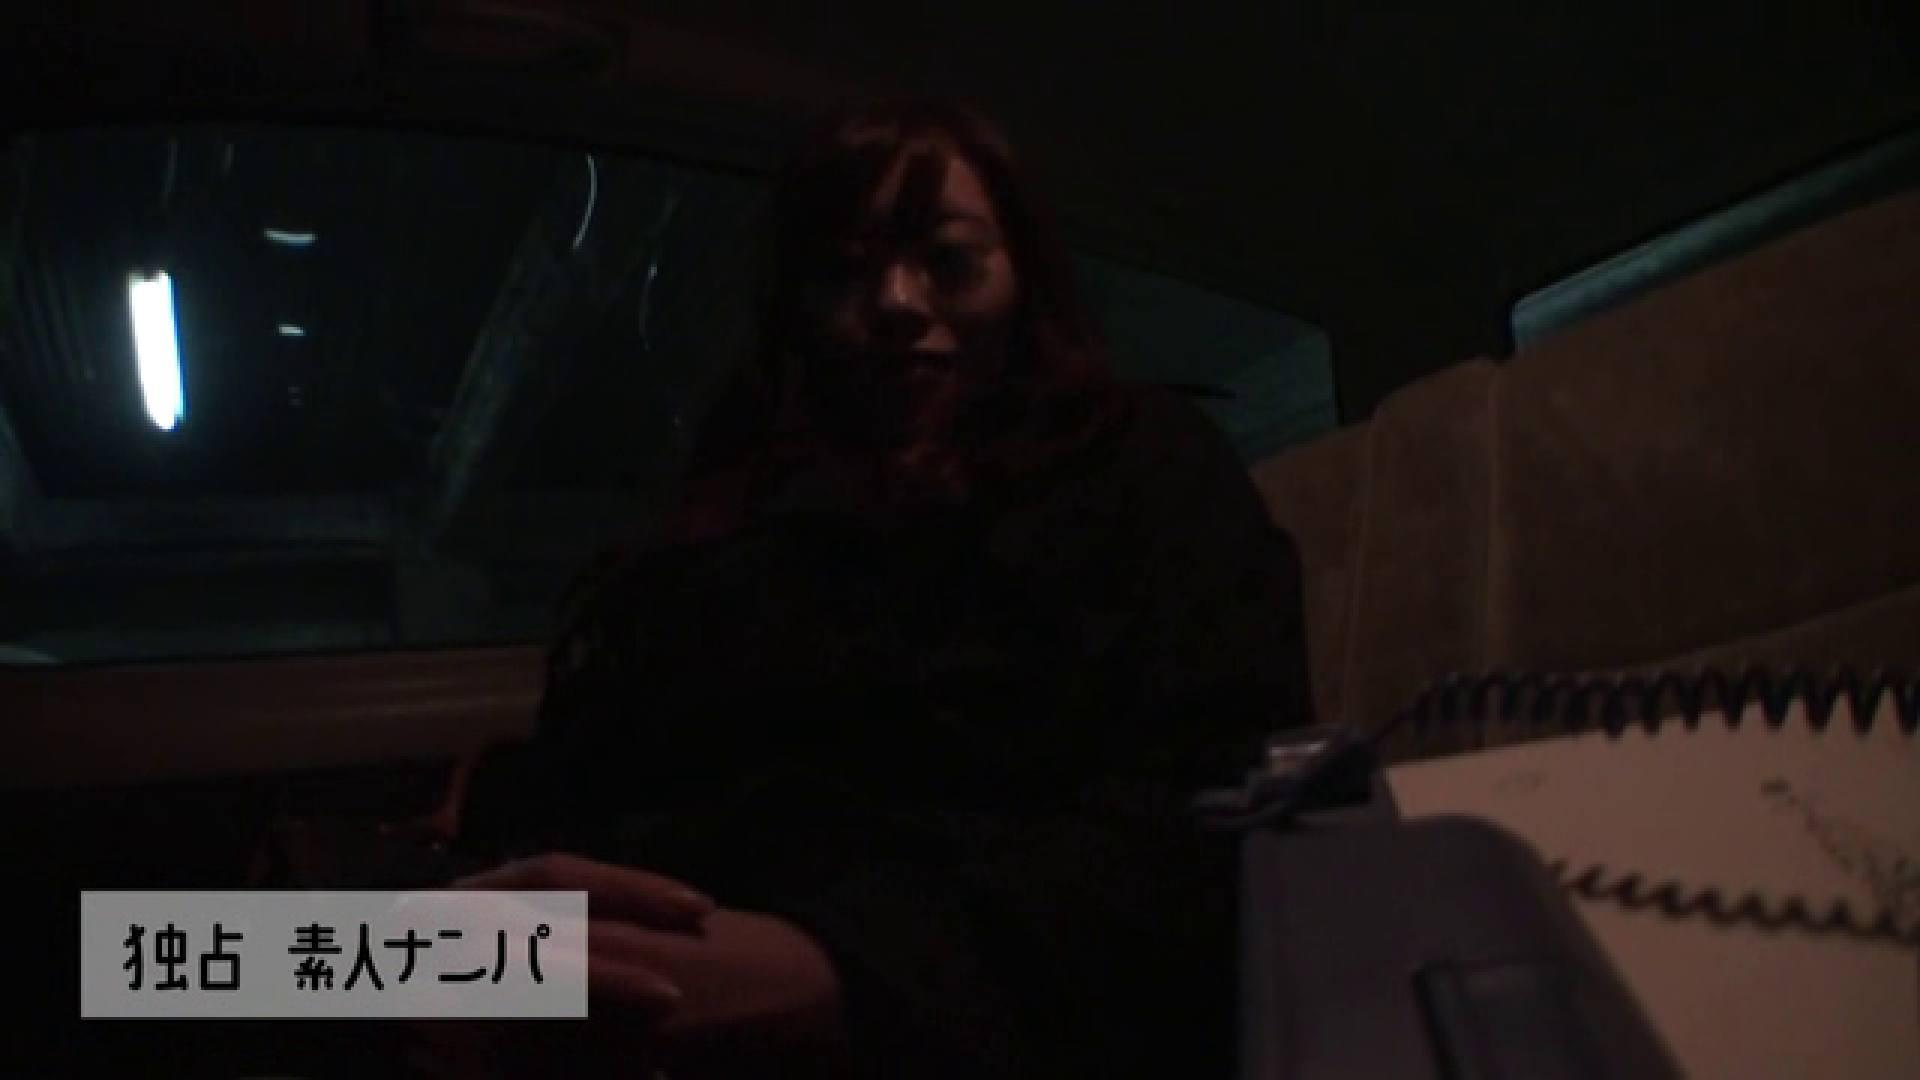 独占入手!!ヤラセ無し本物素人ナンパ 仕事帰りのOL編 車でセックス | 企画  105pic 36